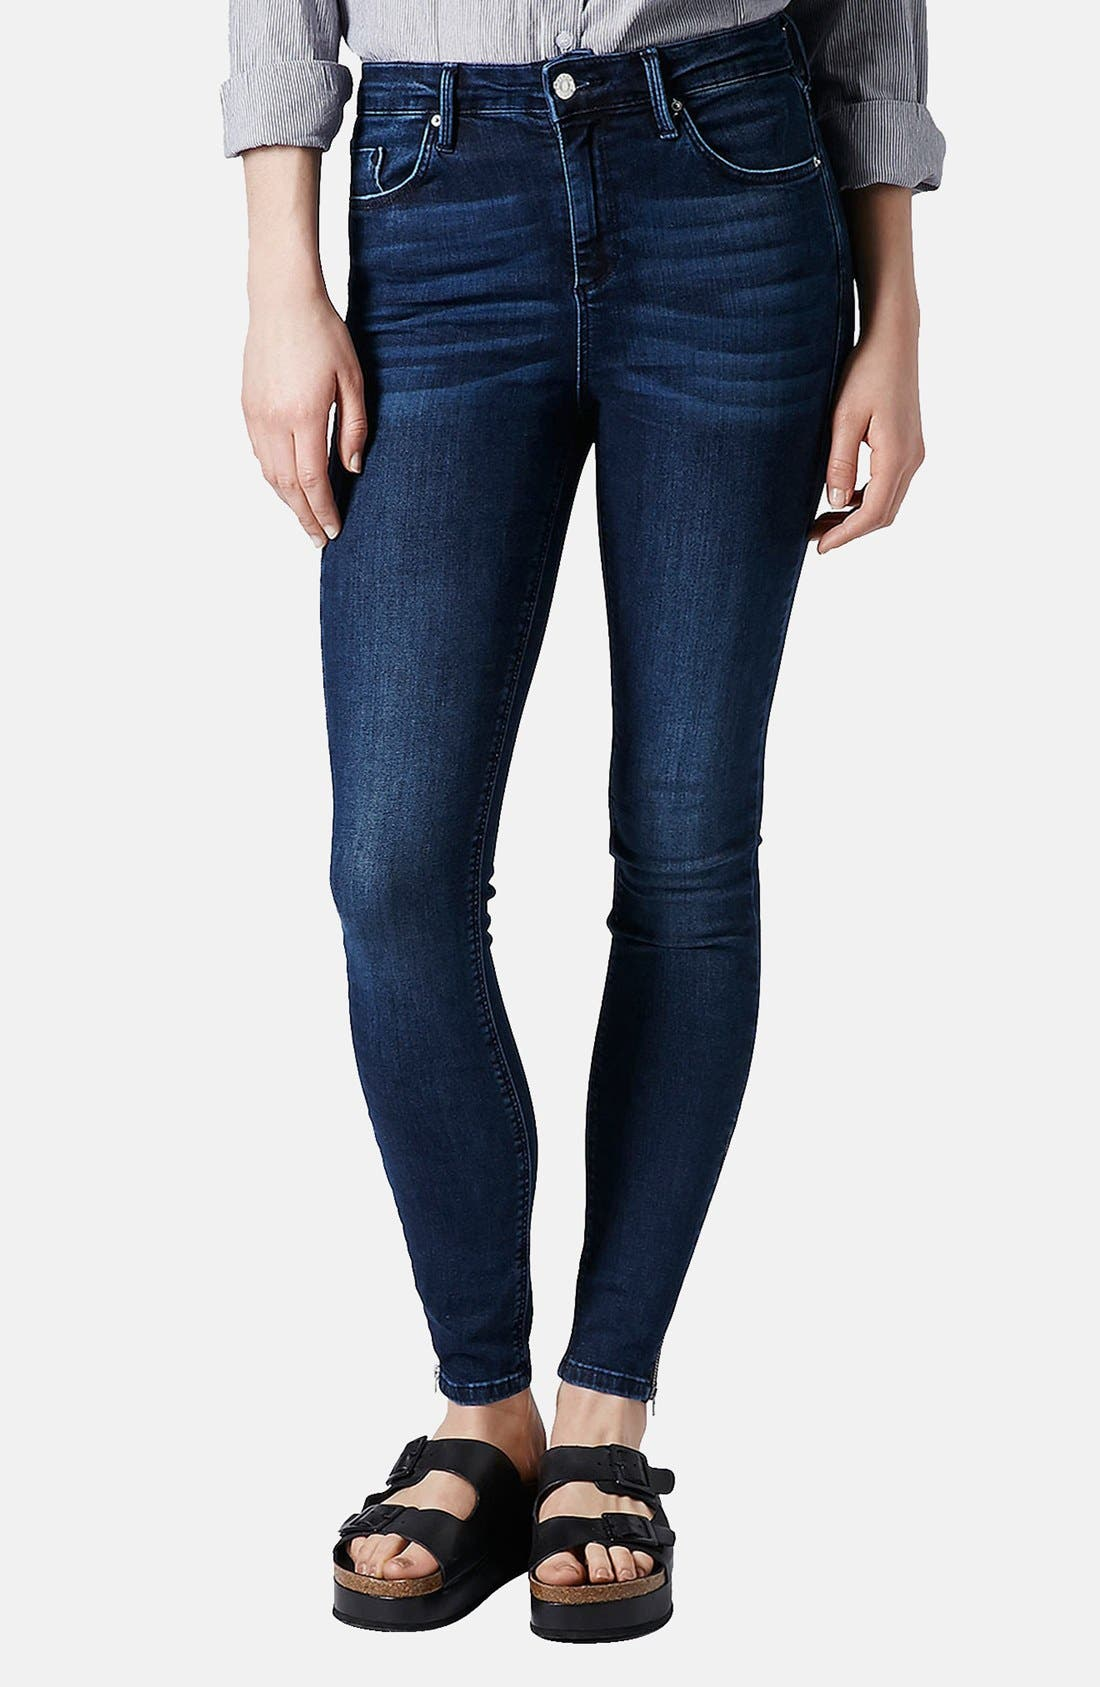 Alternate Image 1 Selected - Topshop Moto 'Jamie' Zip Cuff High Waist Skinny Jeans (Dark)